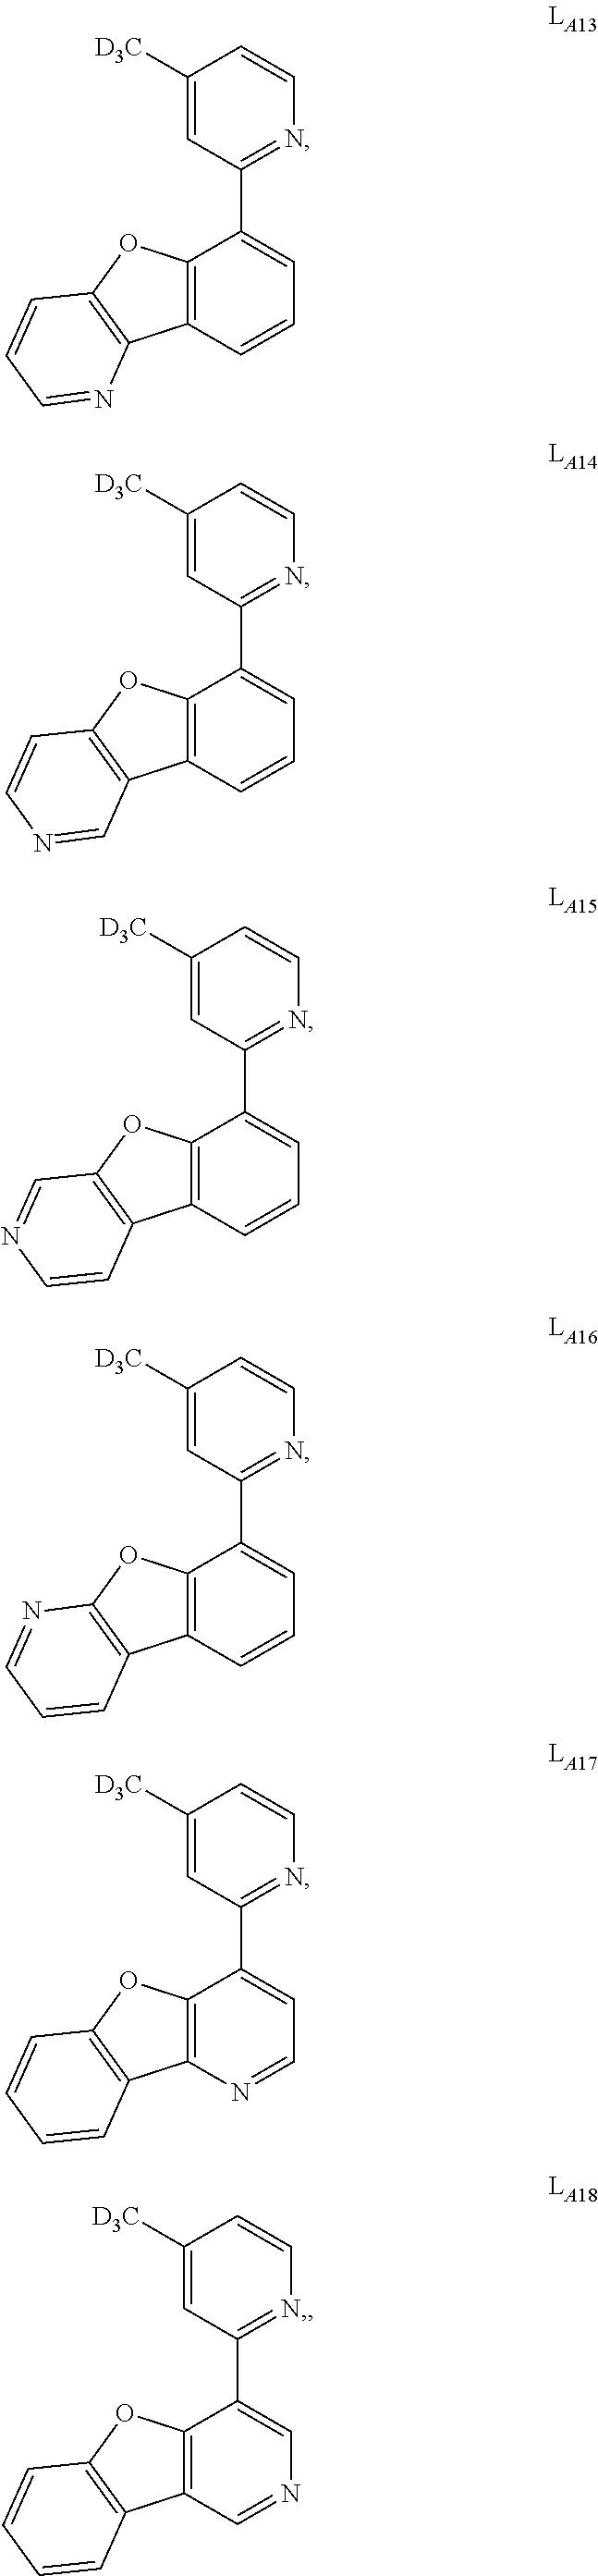 Figure US09634264-20170425-C00007